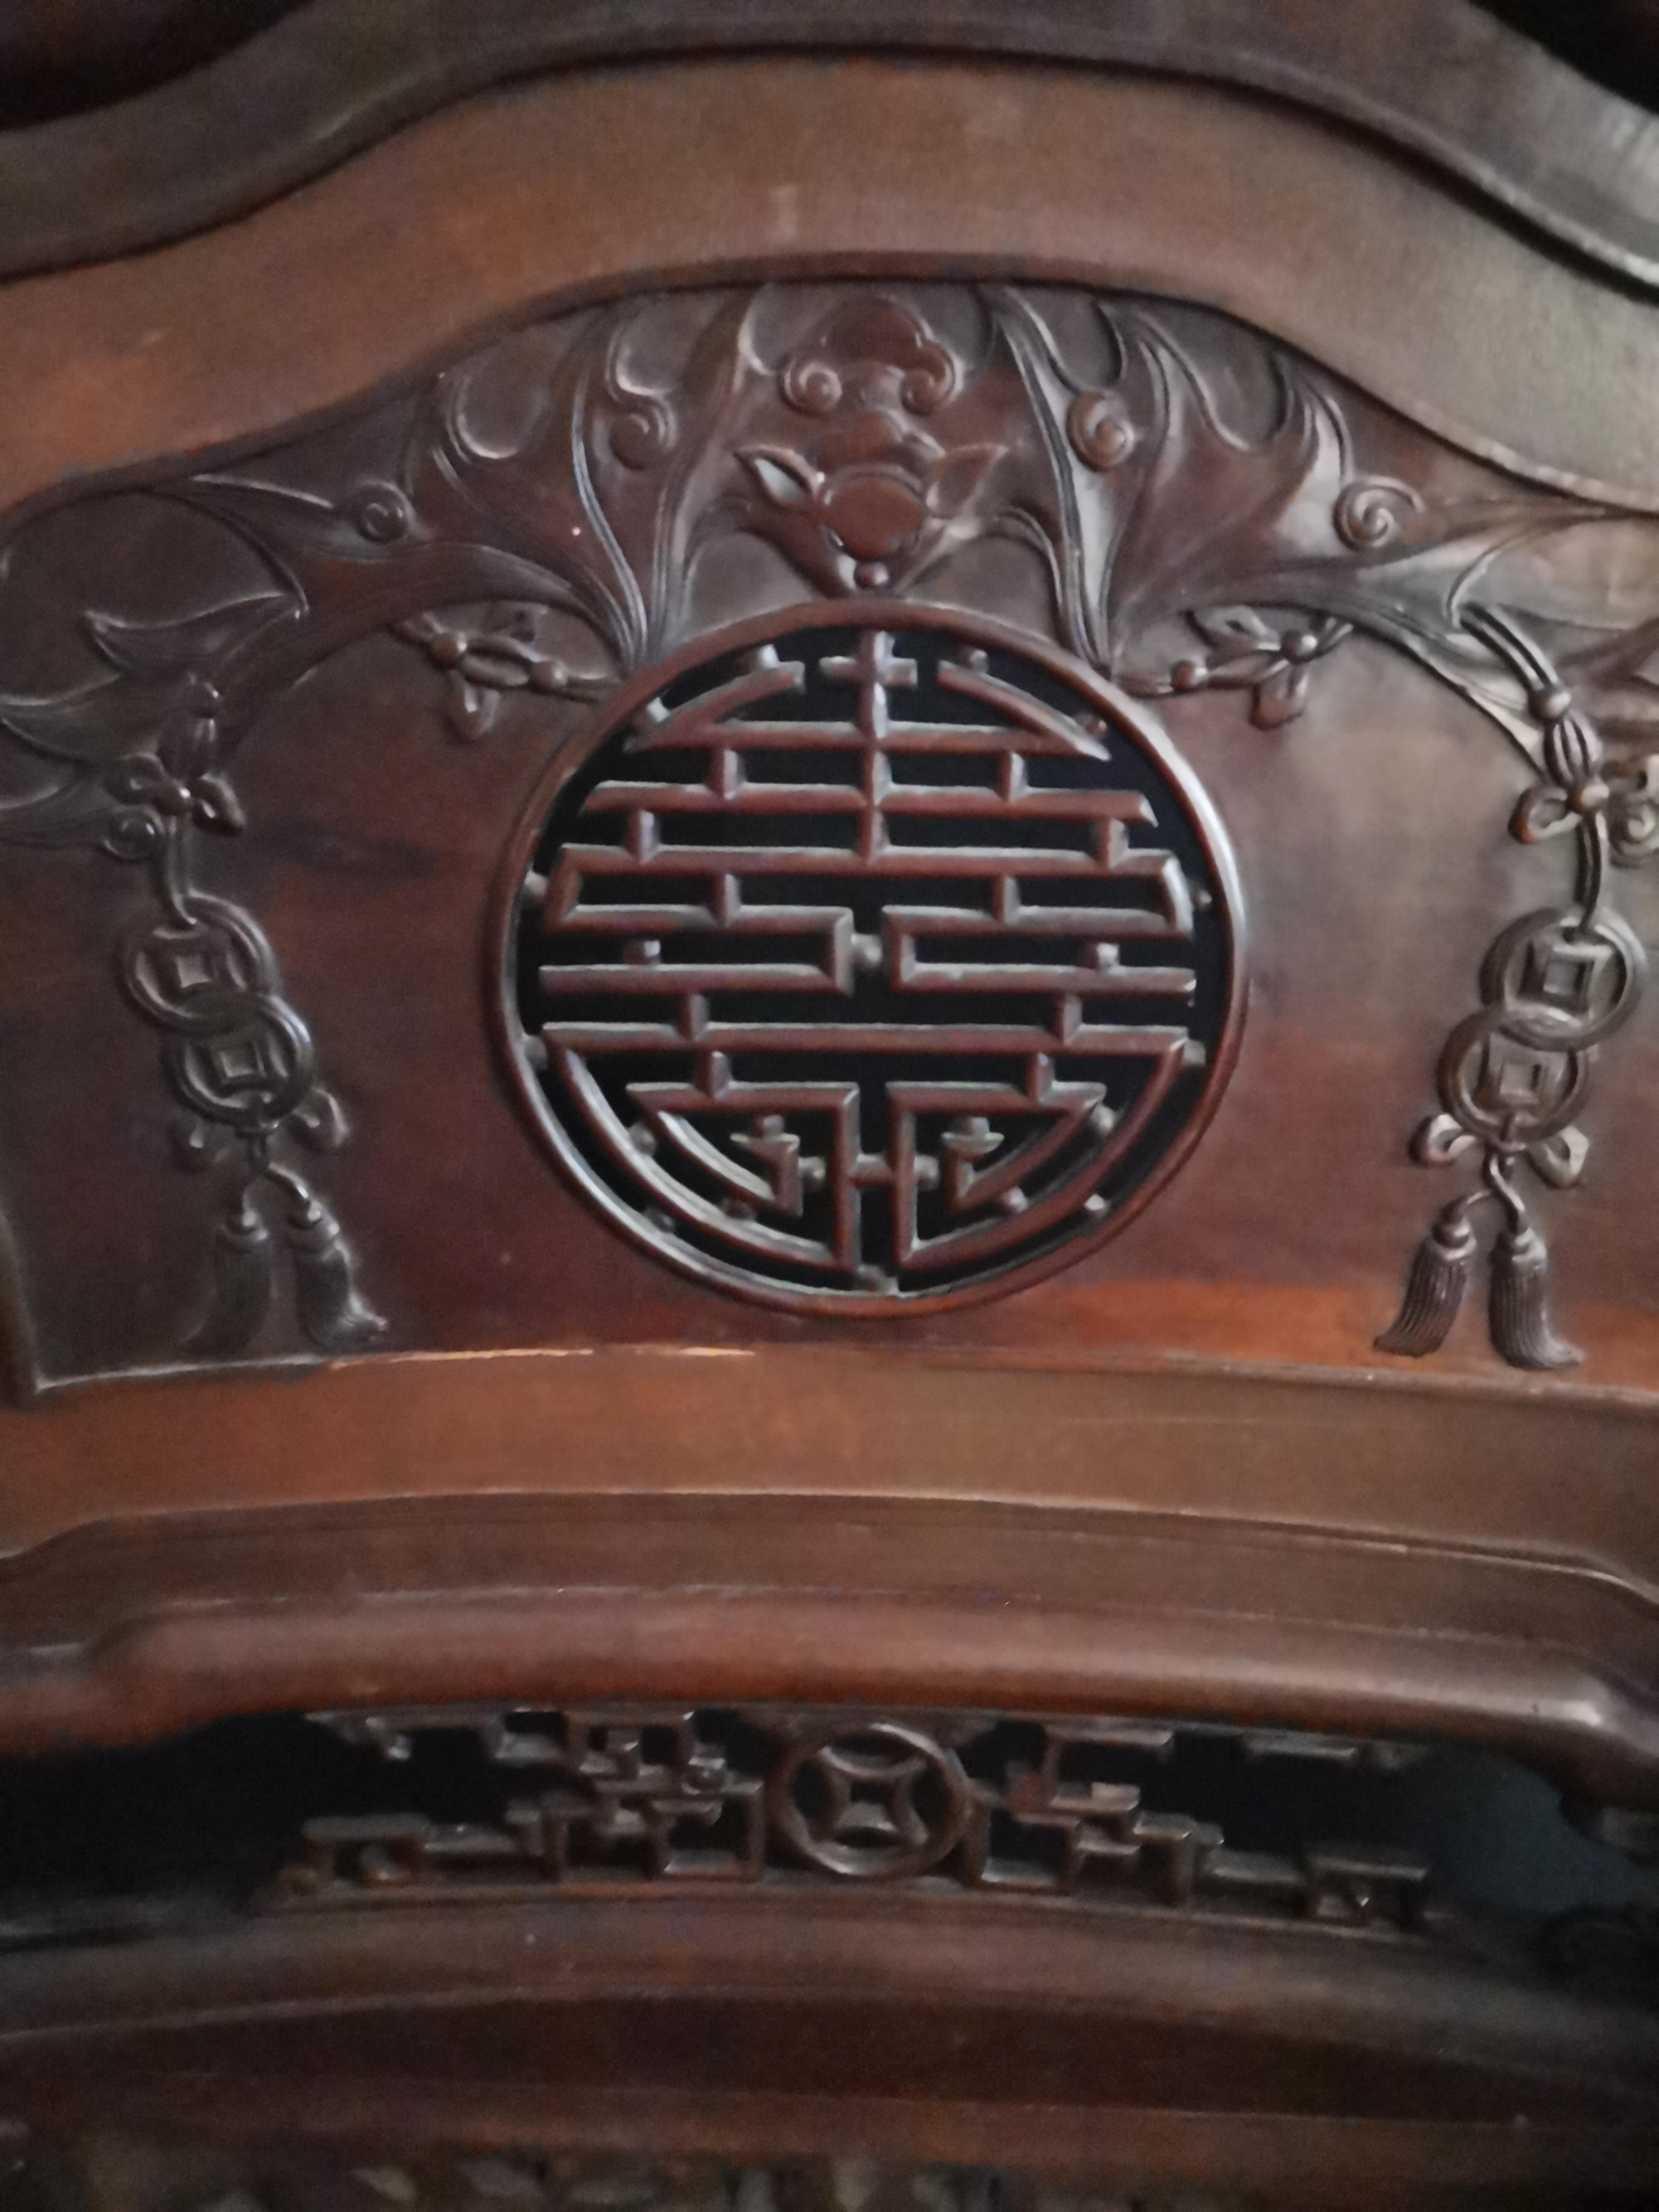 CHINE ou INDOCHINE. Paire de fauteuils à dossier mouvementé, à décor sculpté de [...] - Image 3 of 3